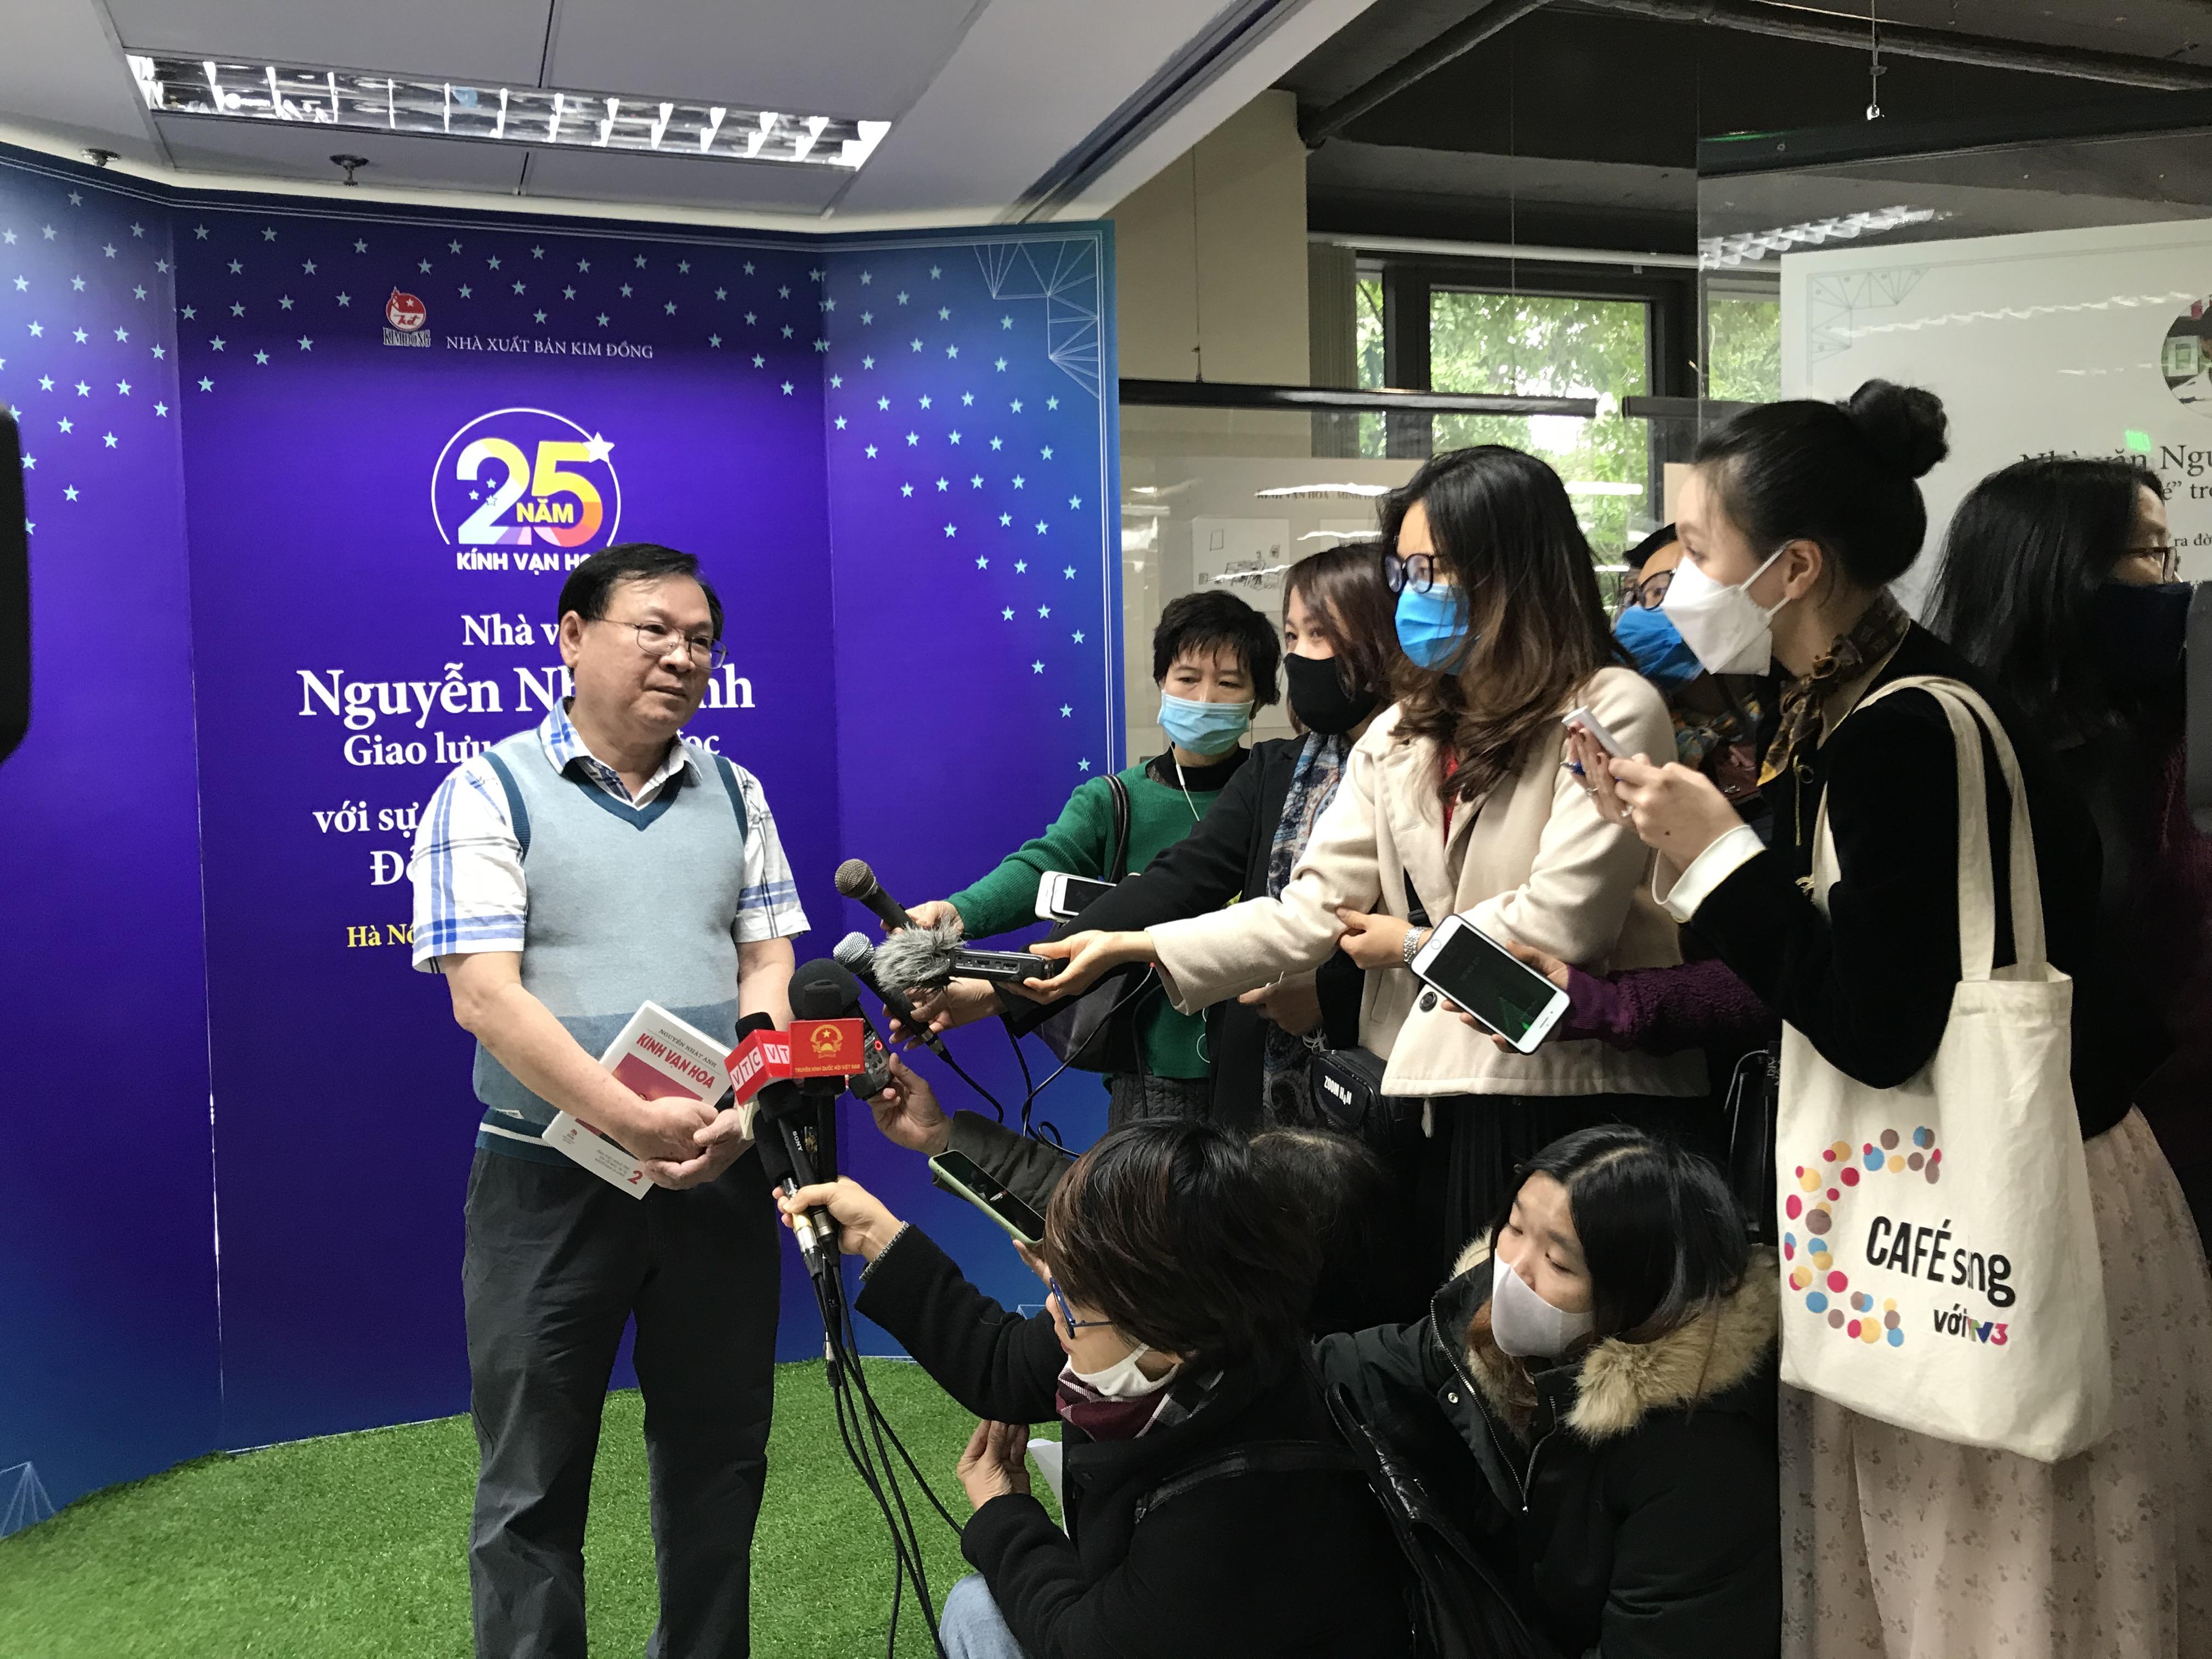 Nhà văn Nguyễn Nhật Ánh trong vòng vây của truyền thông.